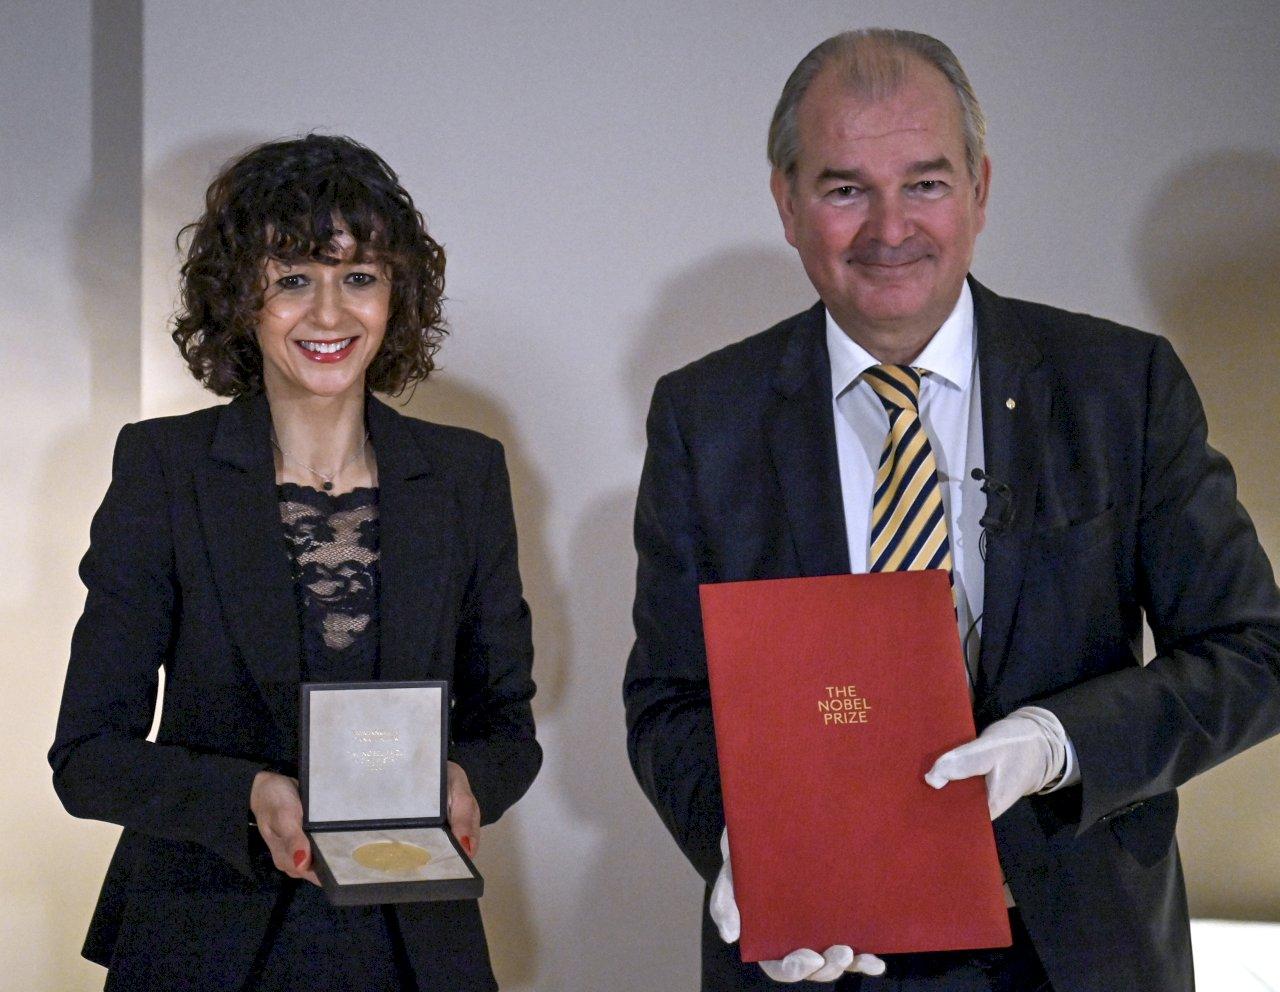 疫情影響 諾貝爾獎得主在各自老家領獎